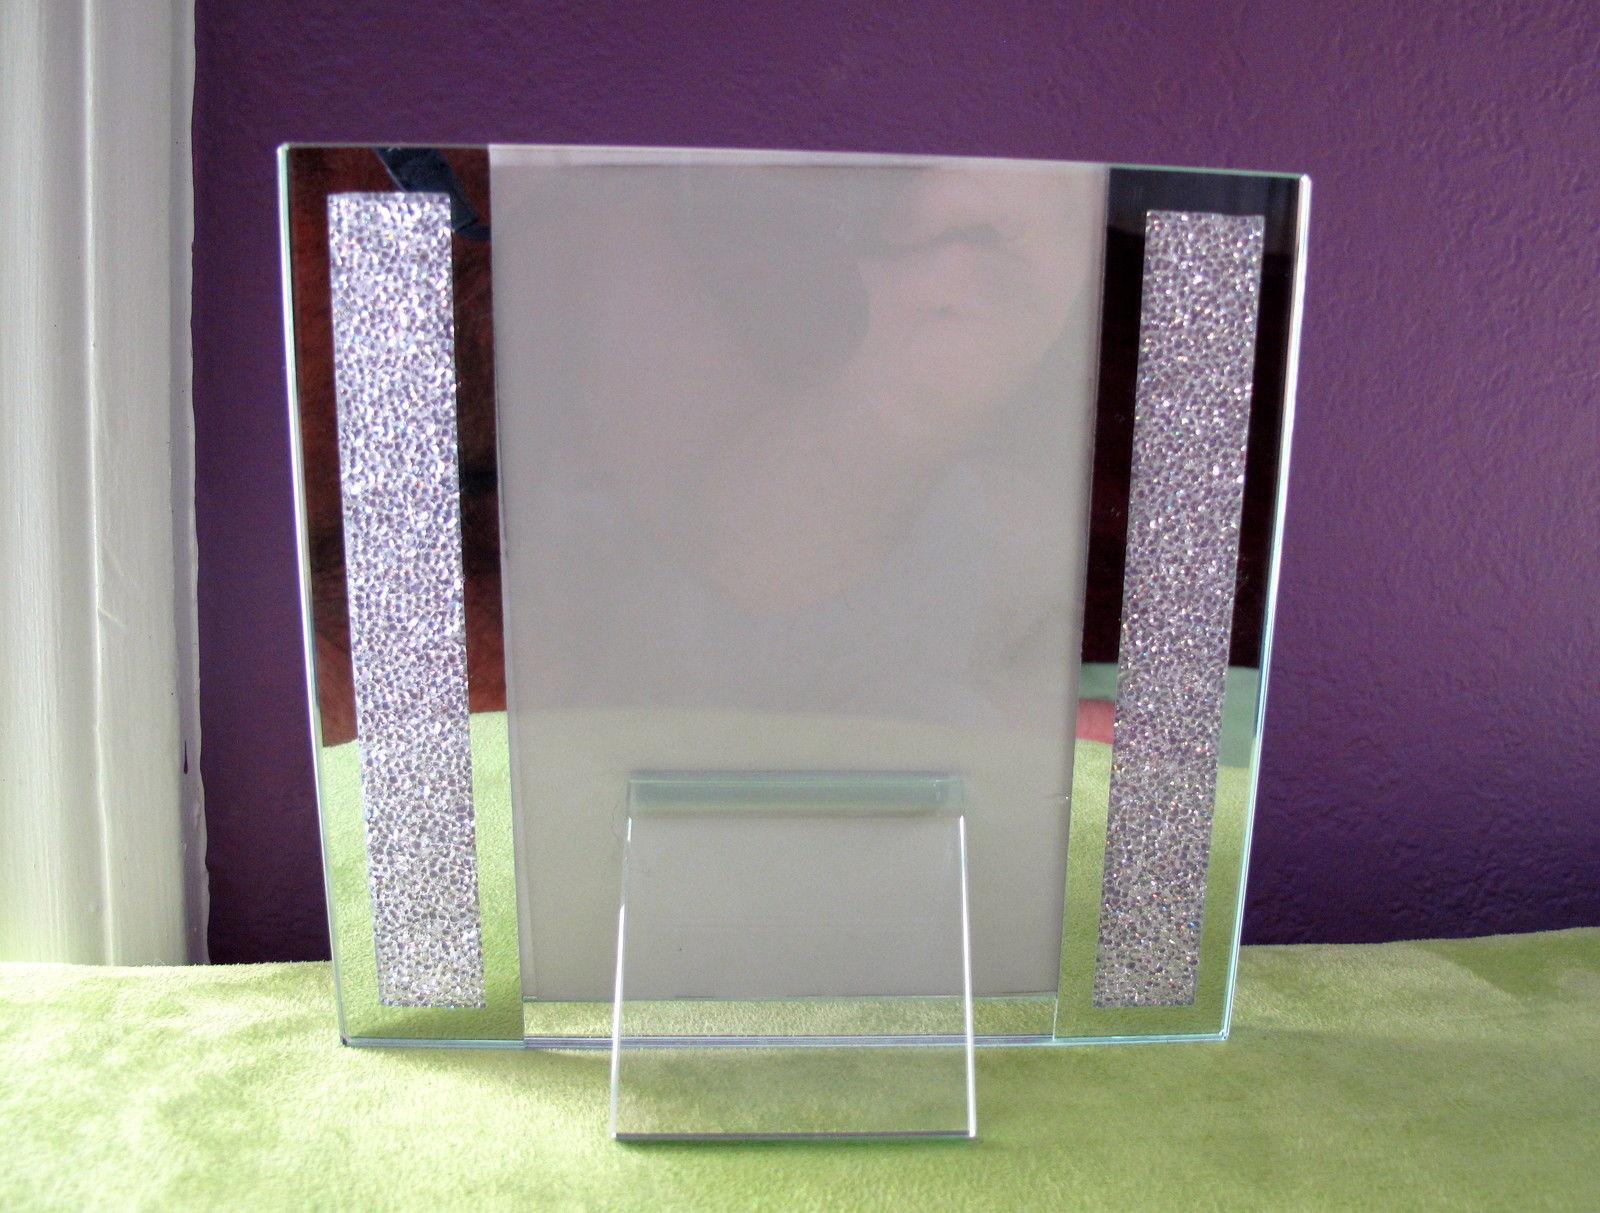 Swarovski crystal filled picture frame for 4 x 6 photo size swarovski crystal filled picture frame jeuxipadfo Images